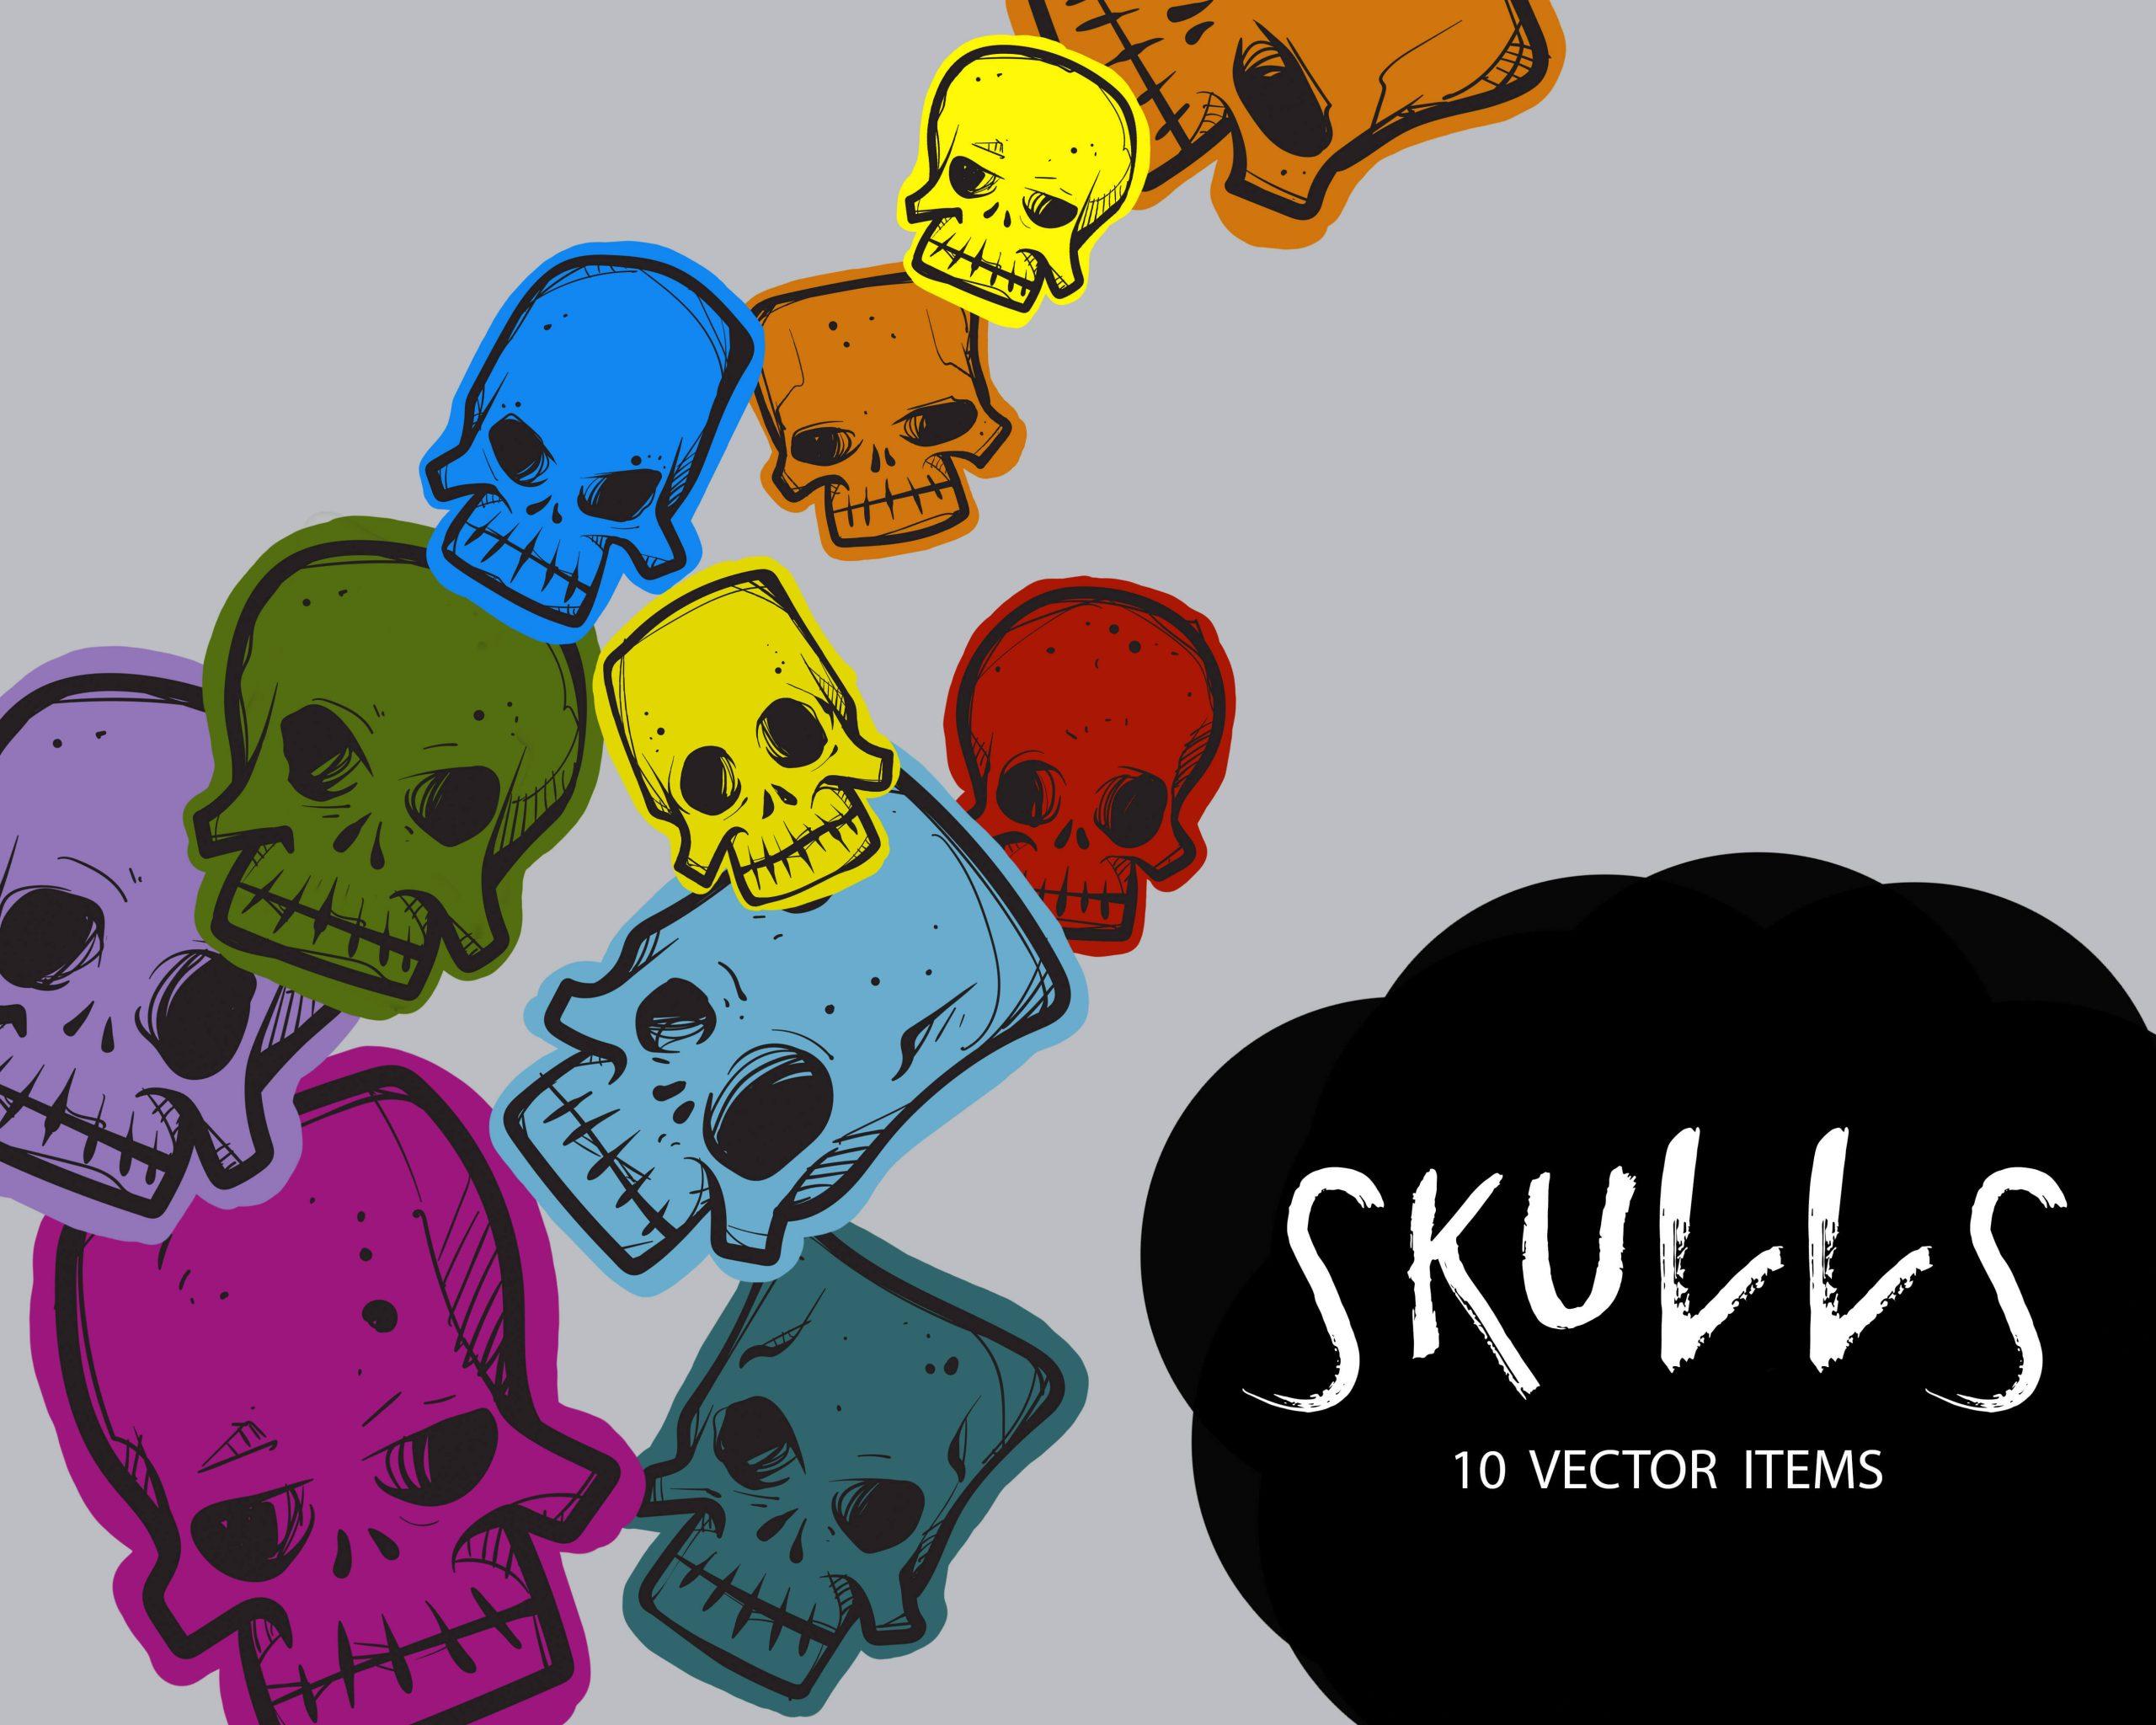 Spooky Vector Images - 10 Skulls Vectors